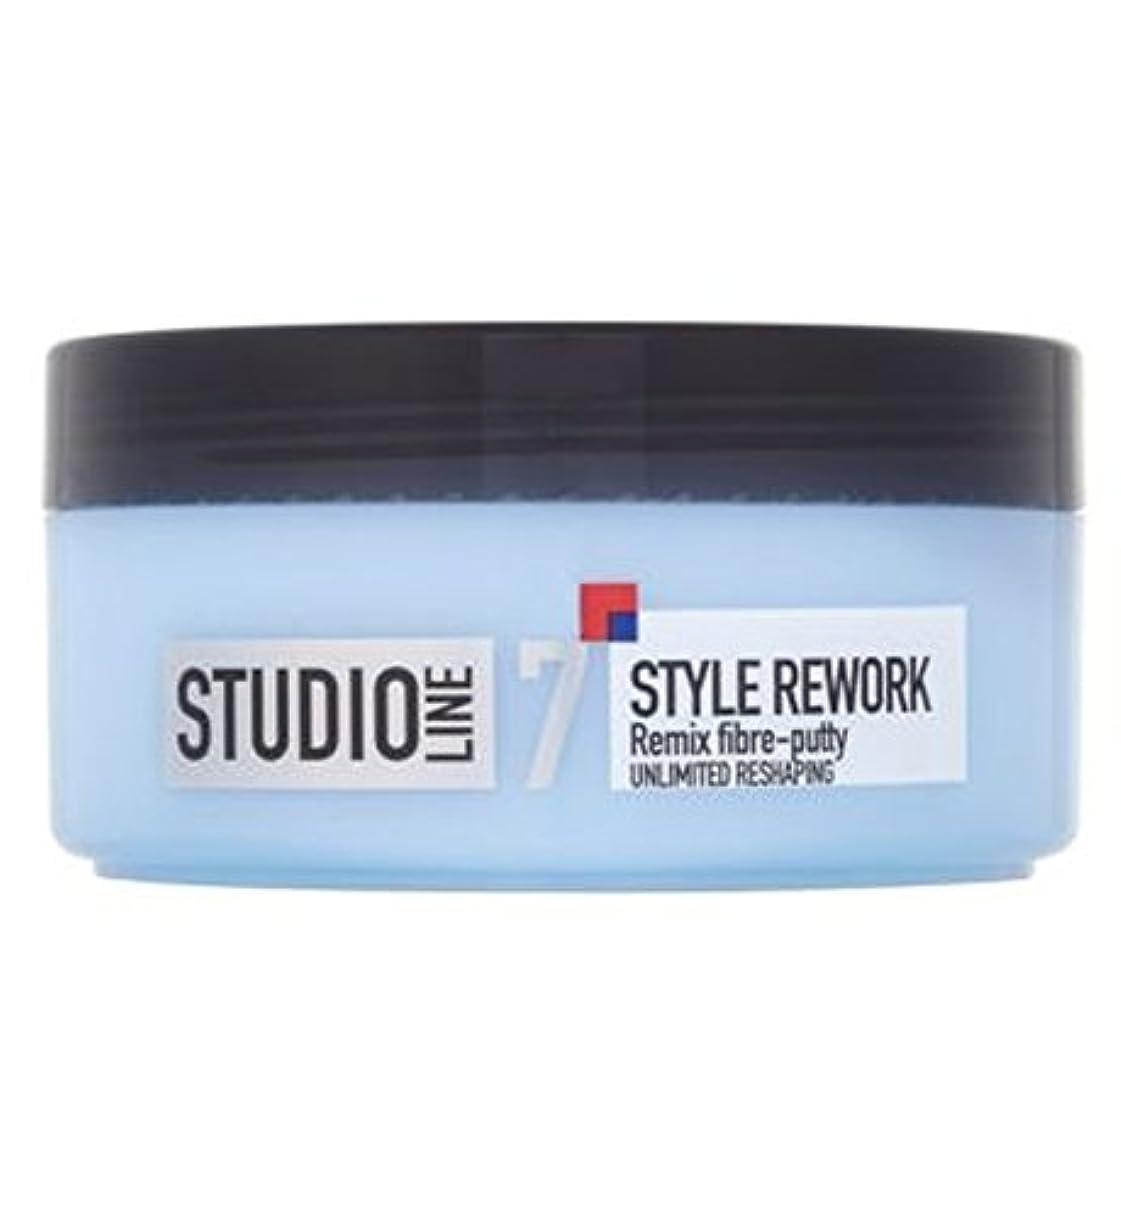 水分分子並外れたL'Oreall Studio Line Style Rework Remix Fibre-Putty 150ml - L'Oreallスタジオラインスタイルリワークリミックス繊維パテ150ミリリットル (L'Oreal) [並行輸入品]